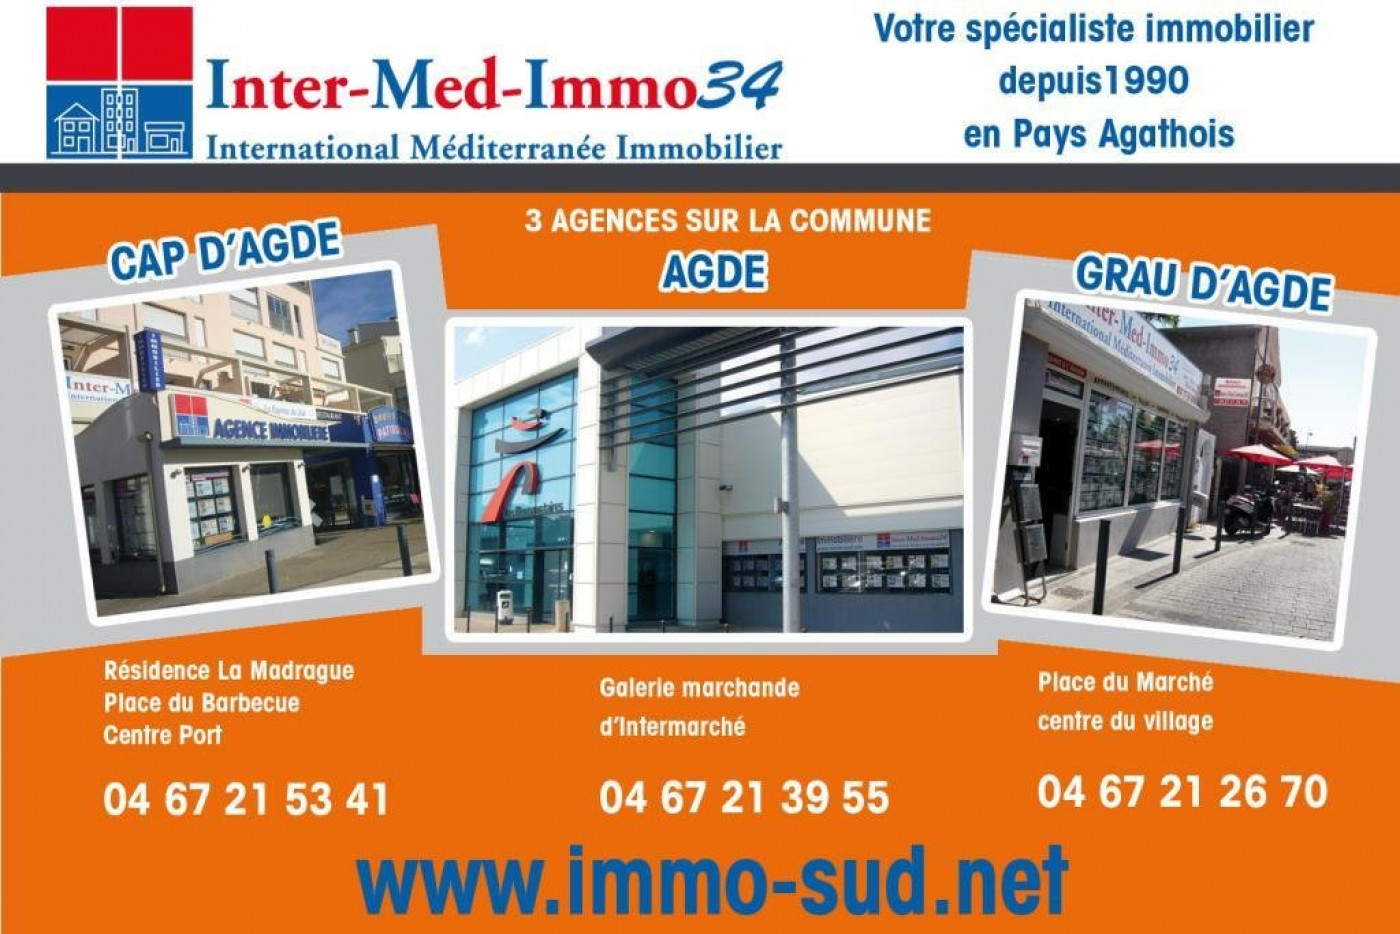 A vendre  Le Cap D'agde | Réf 3458244310 - Inter-med-immo34